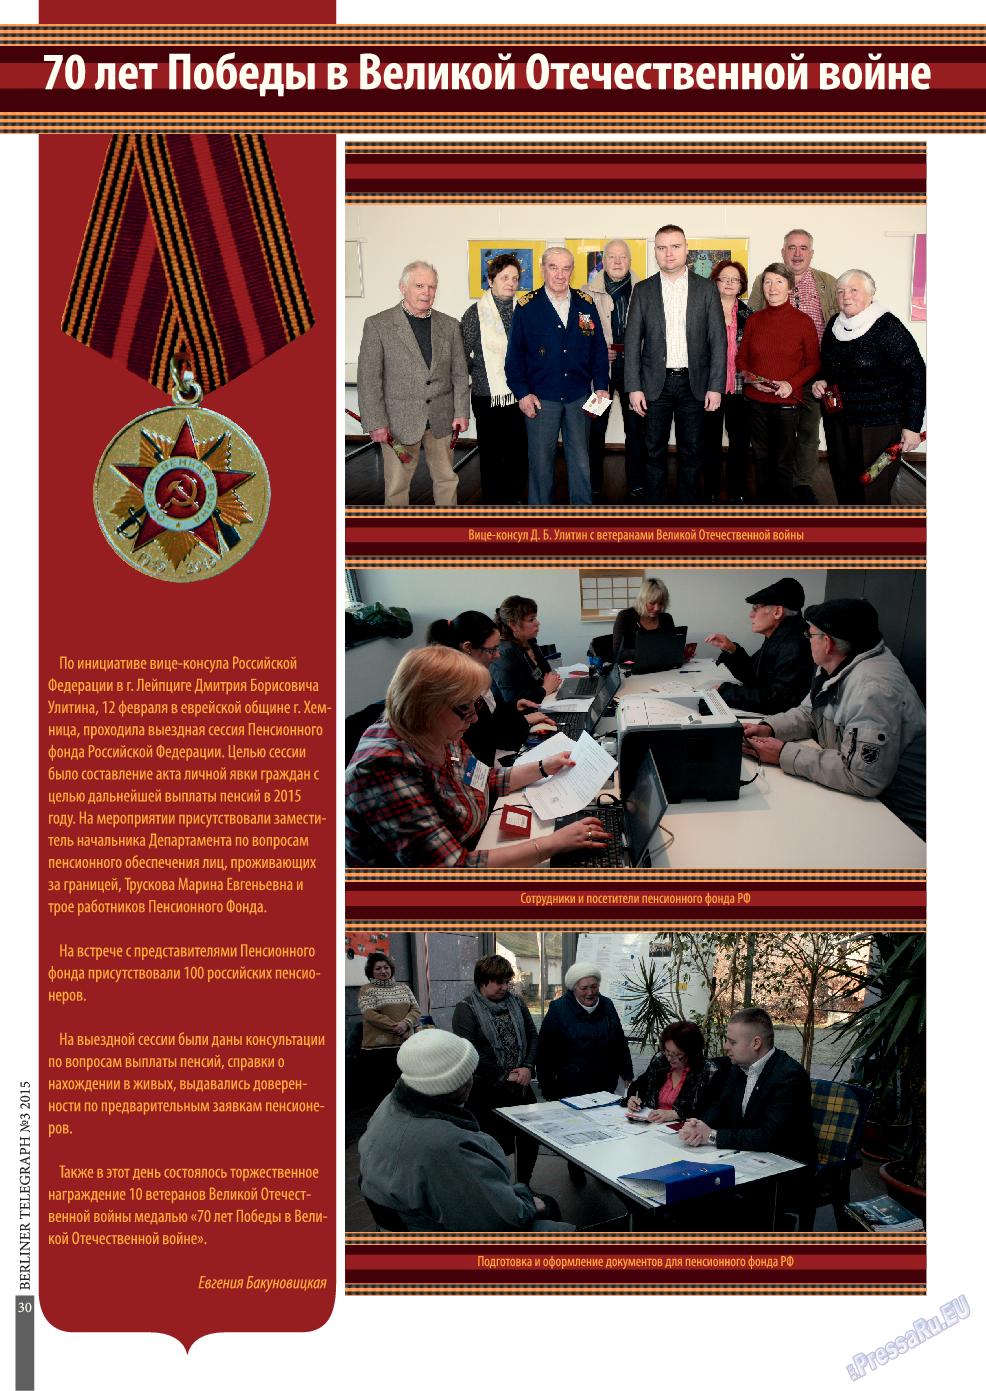 Берлинский телеграф (журнал). 2015 год, номер 3, стр. 30